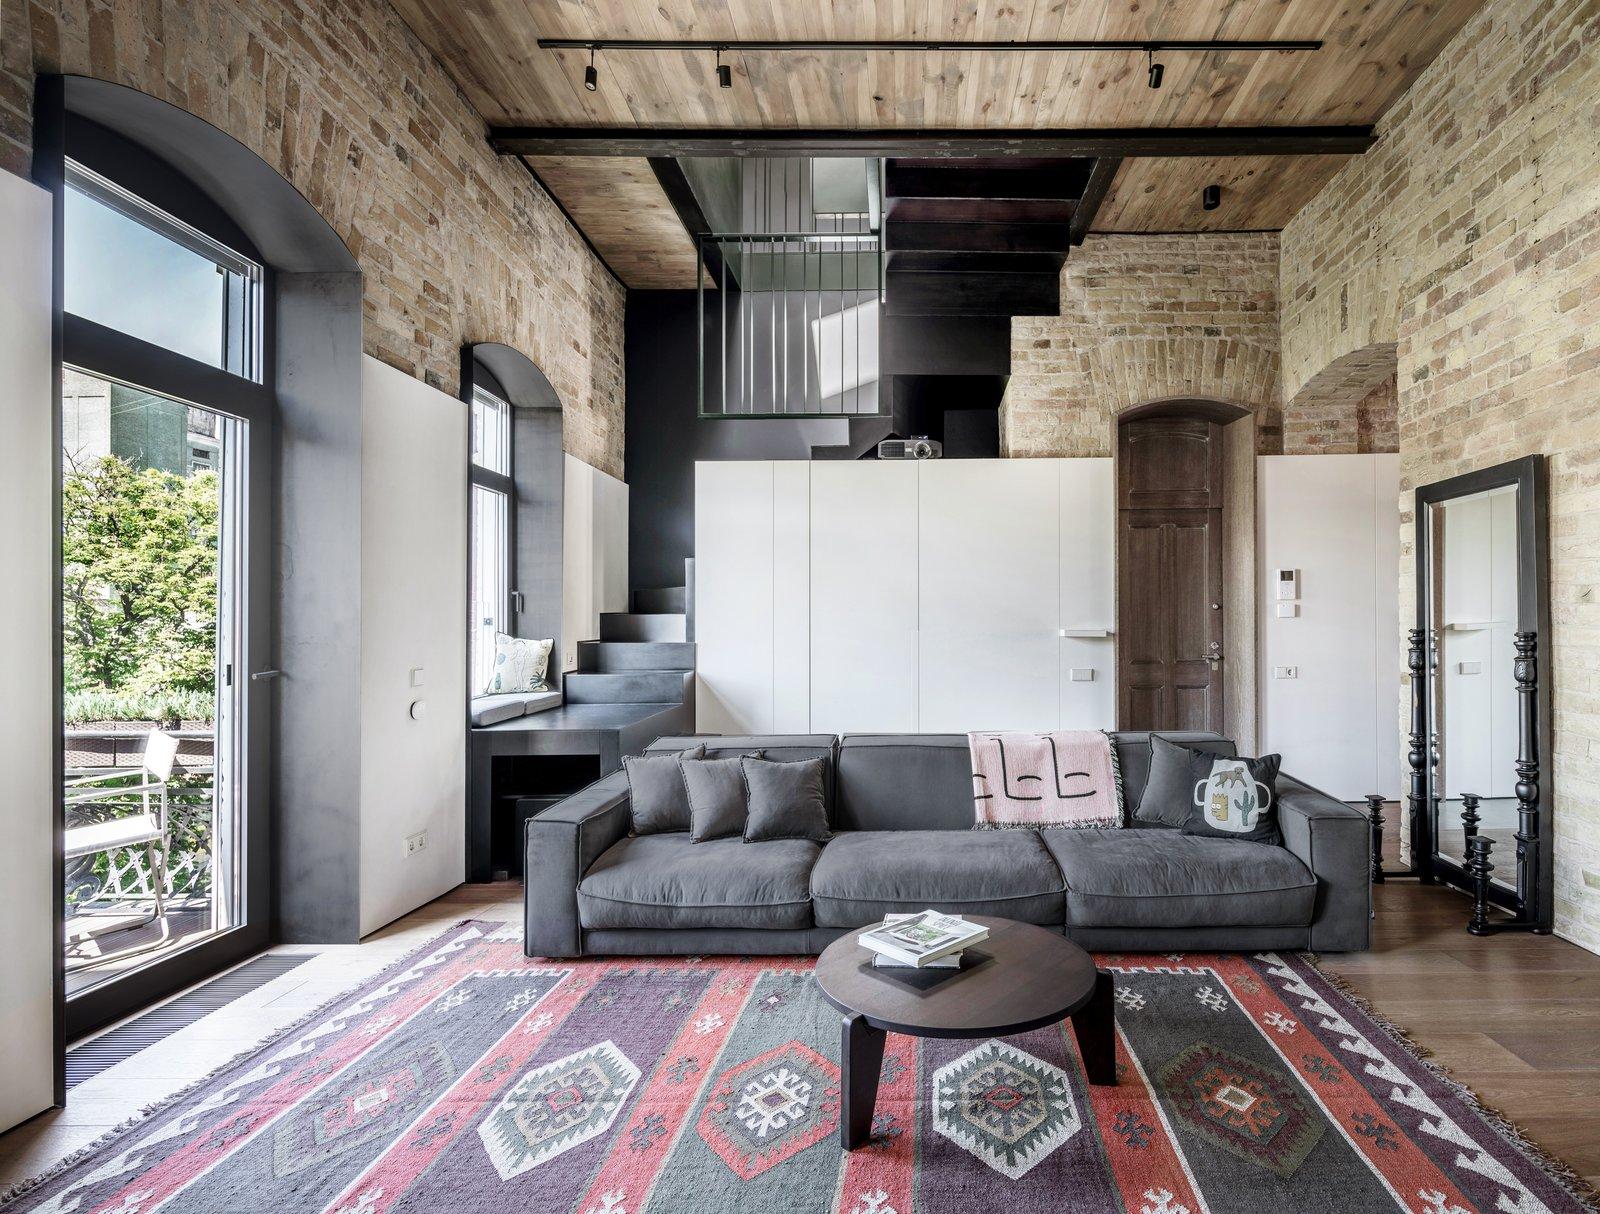 Nyc Apartment Interior